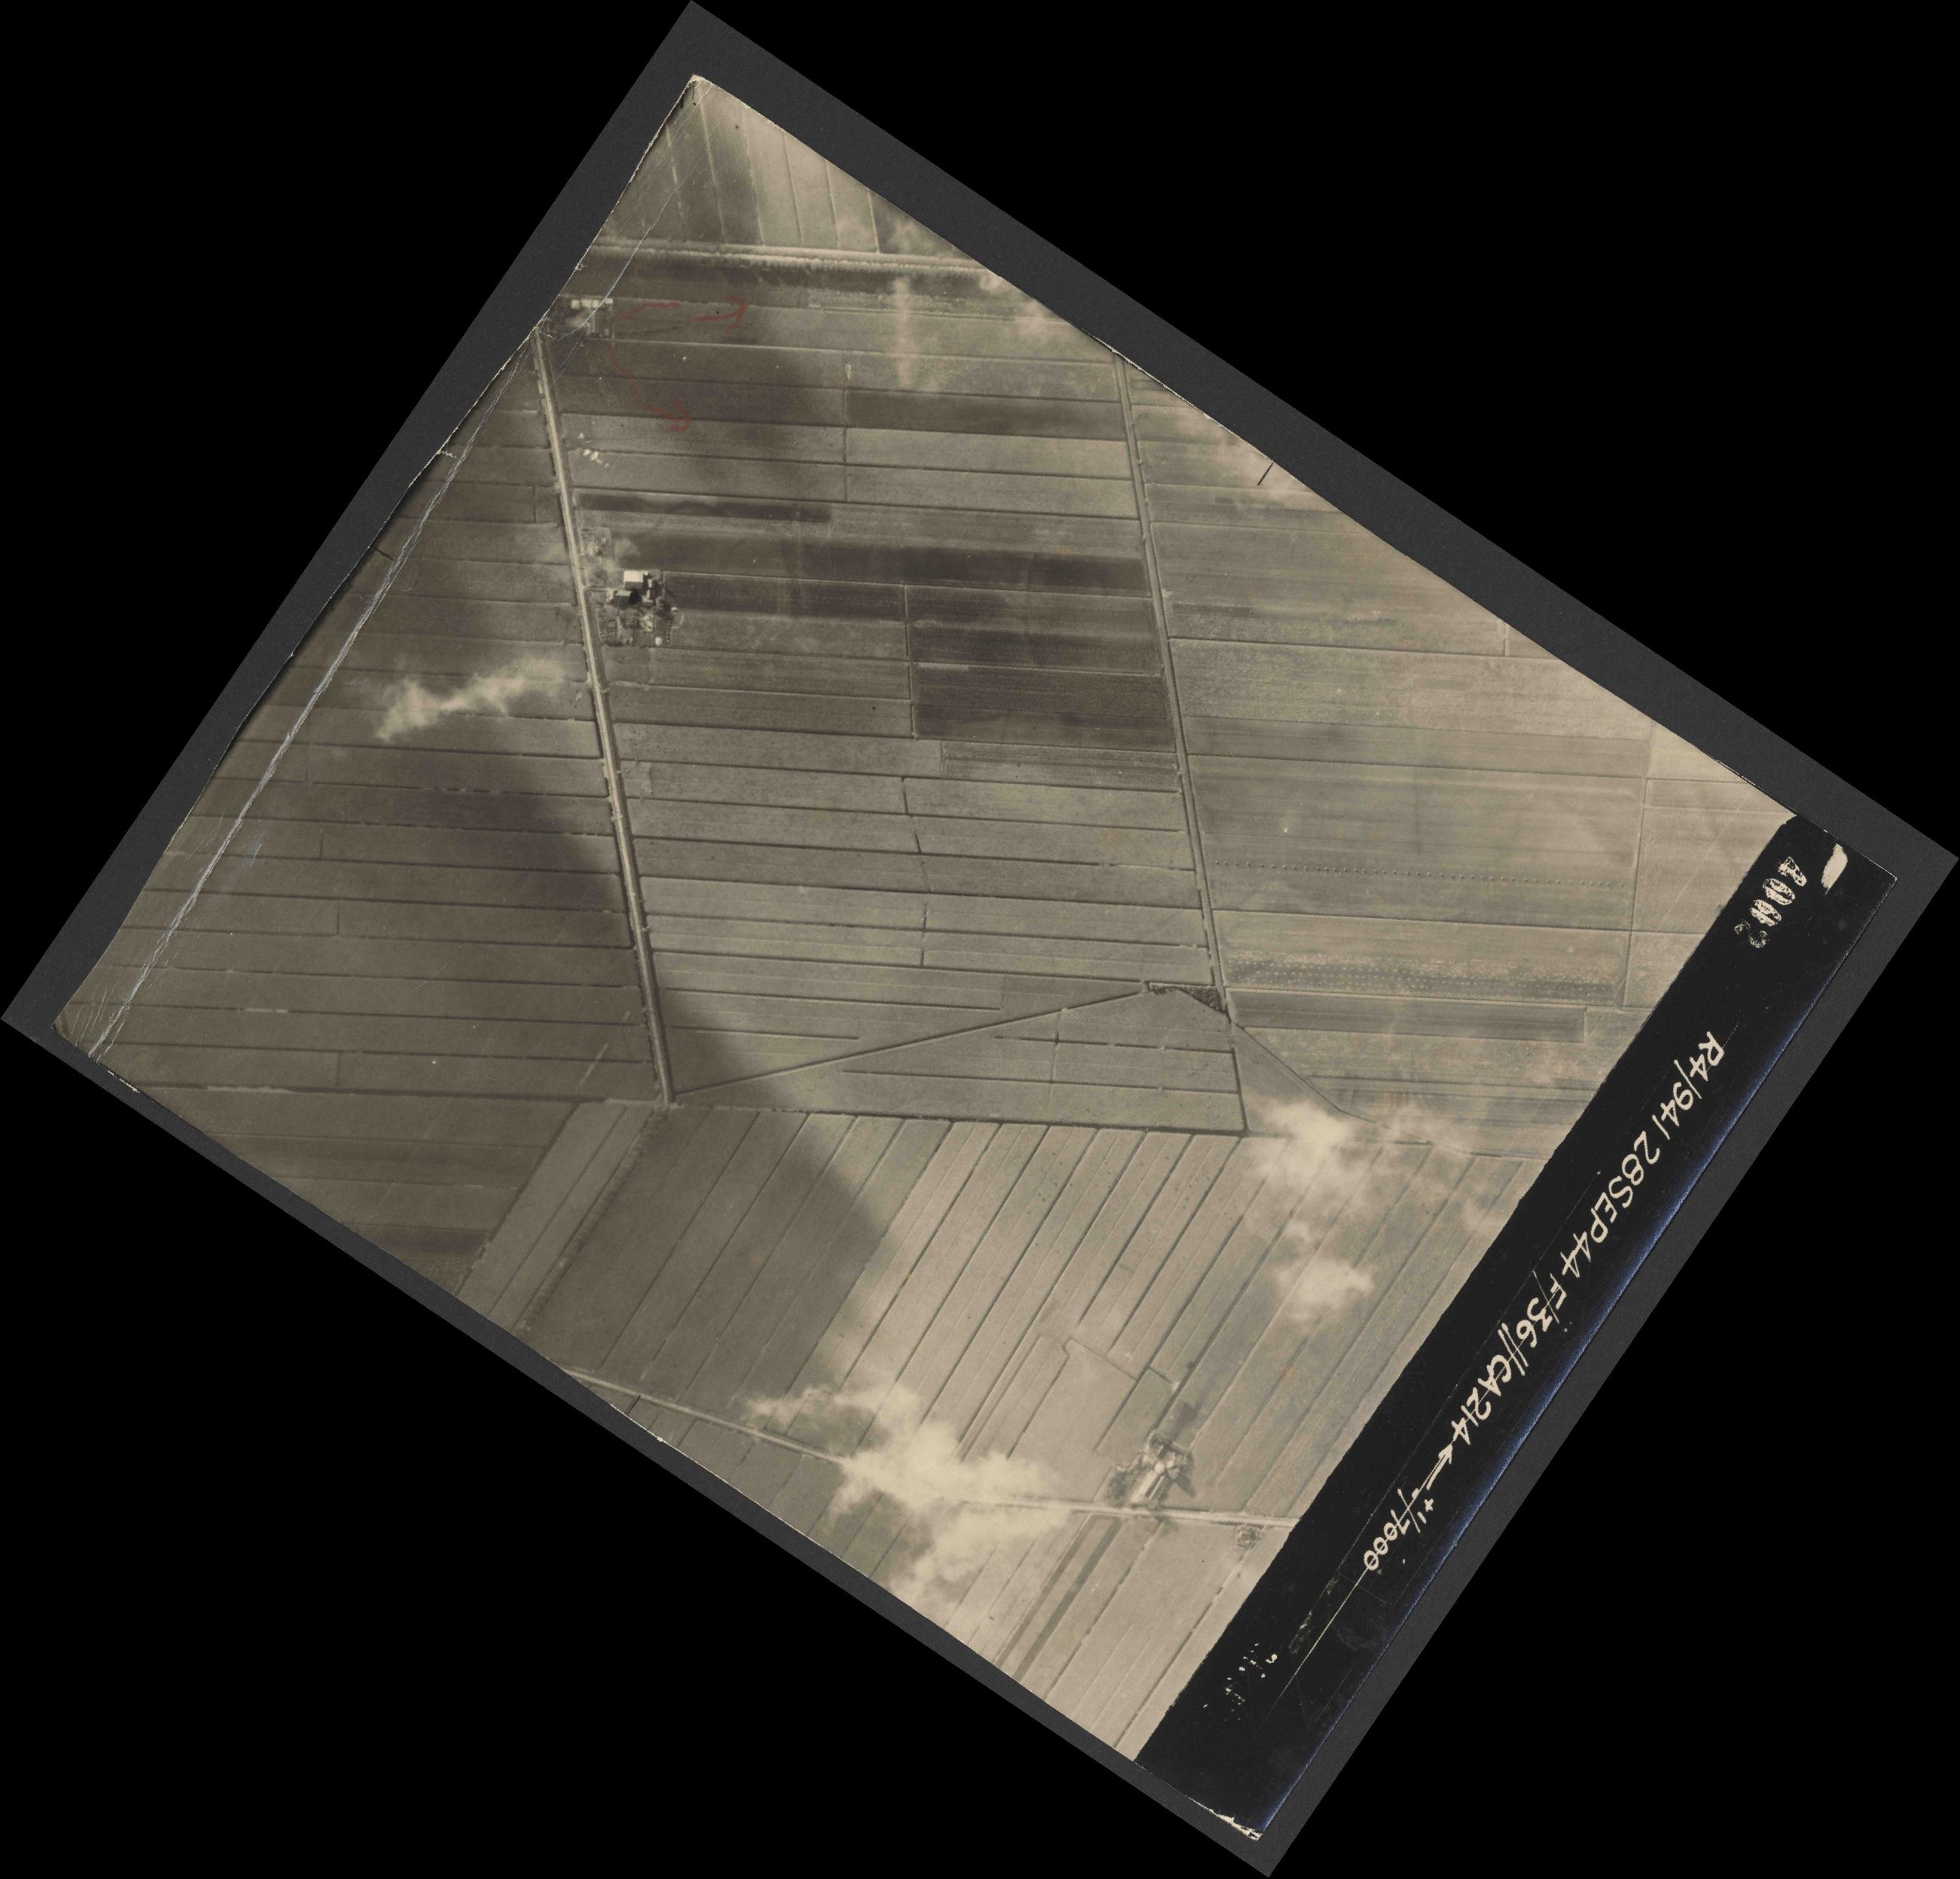 Collection RAF aerial photos 1940-1945 - flight 067, run 01, photo 4002